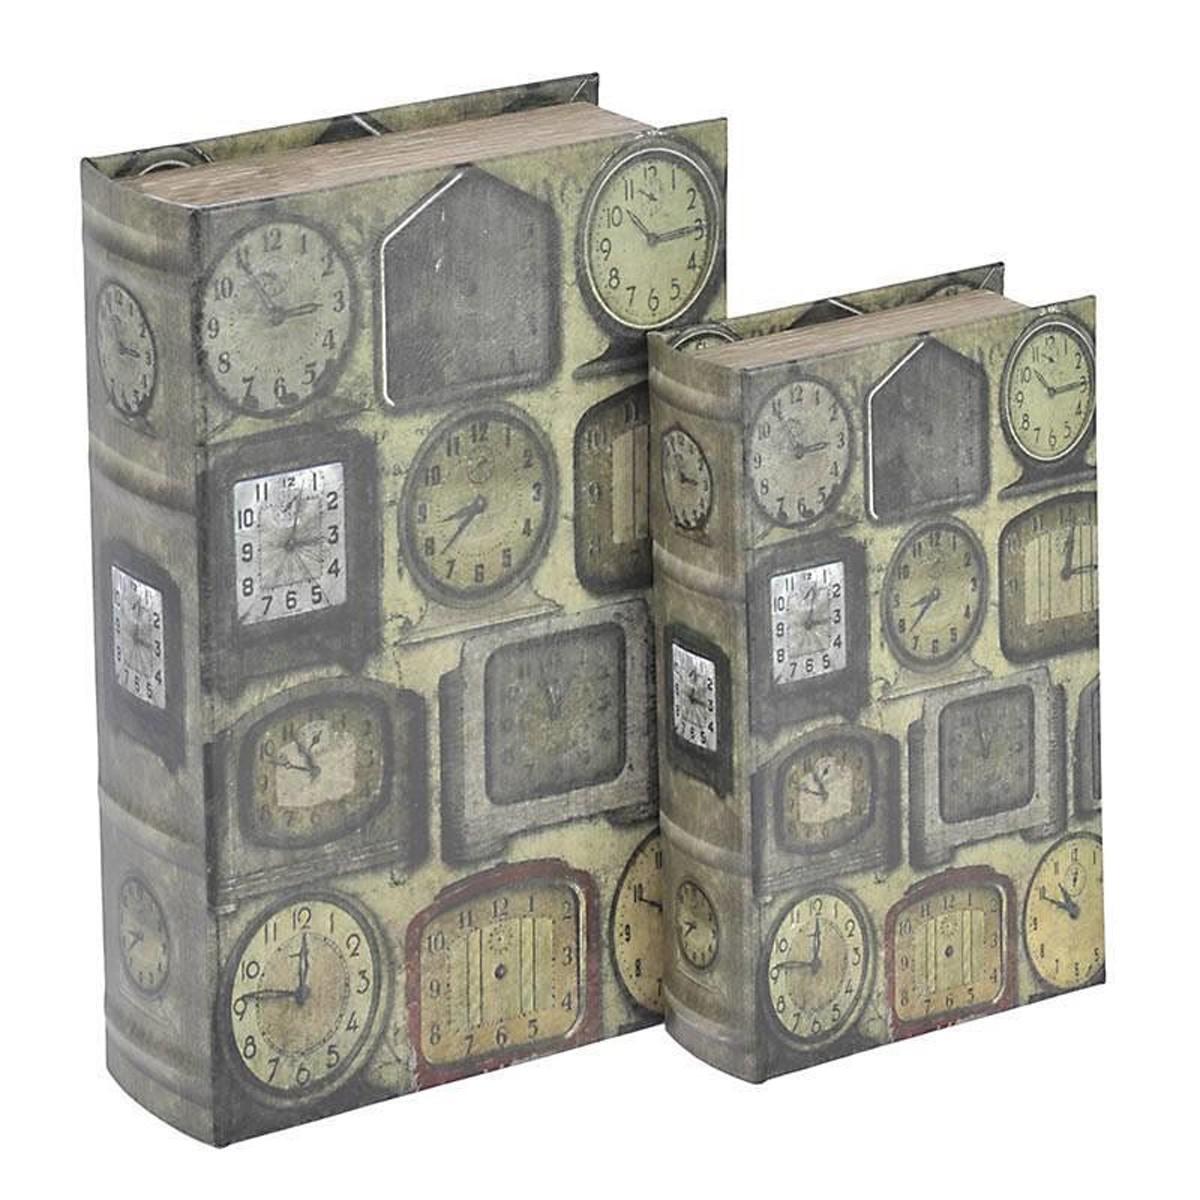 Κουτιά/Βιβλία (Σετ 2τμχ) InArt Tempus 3-70-435-0204